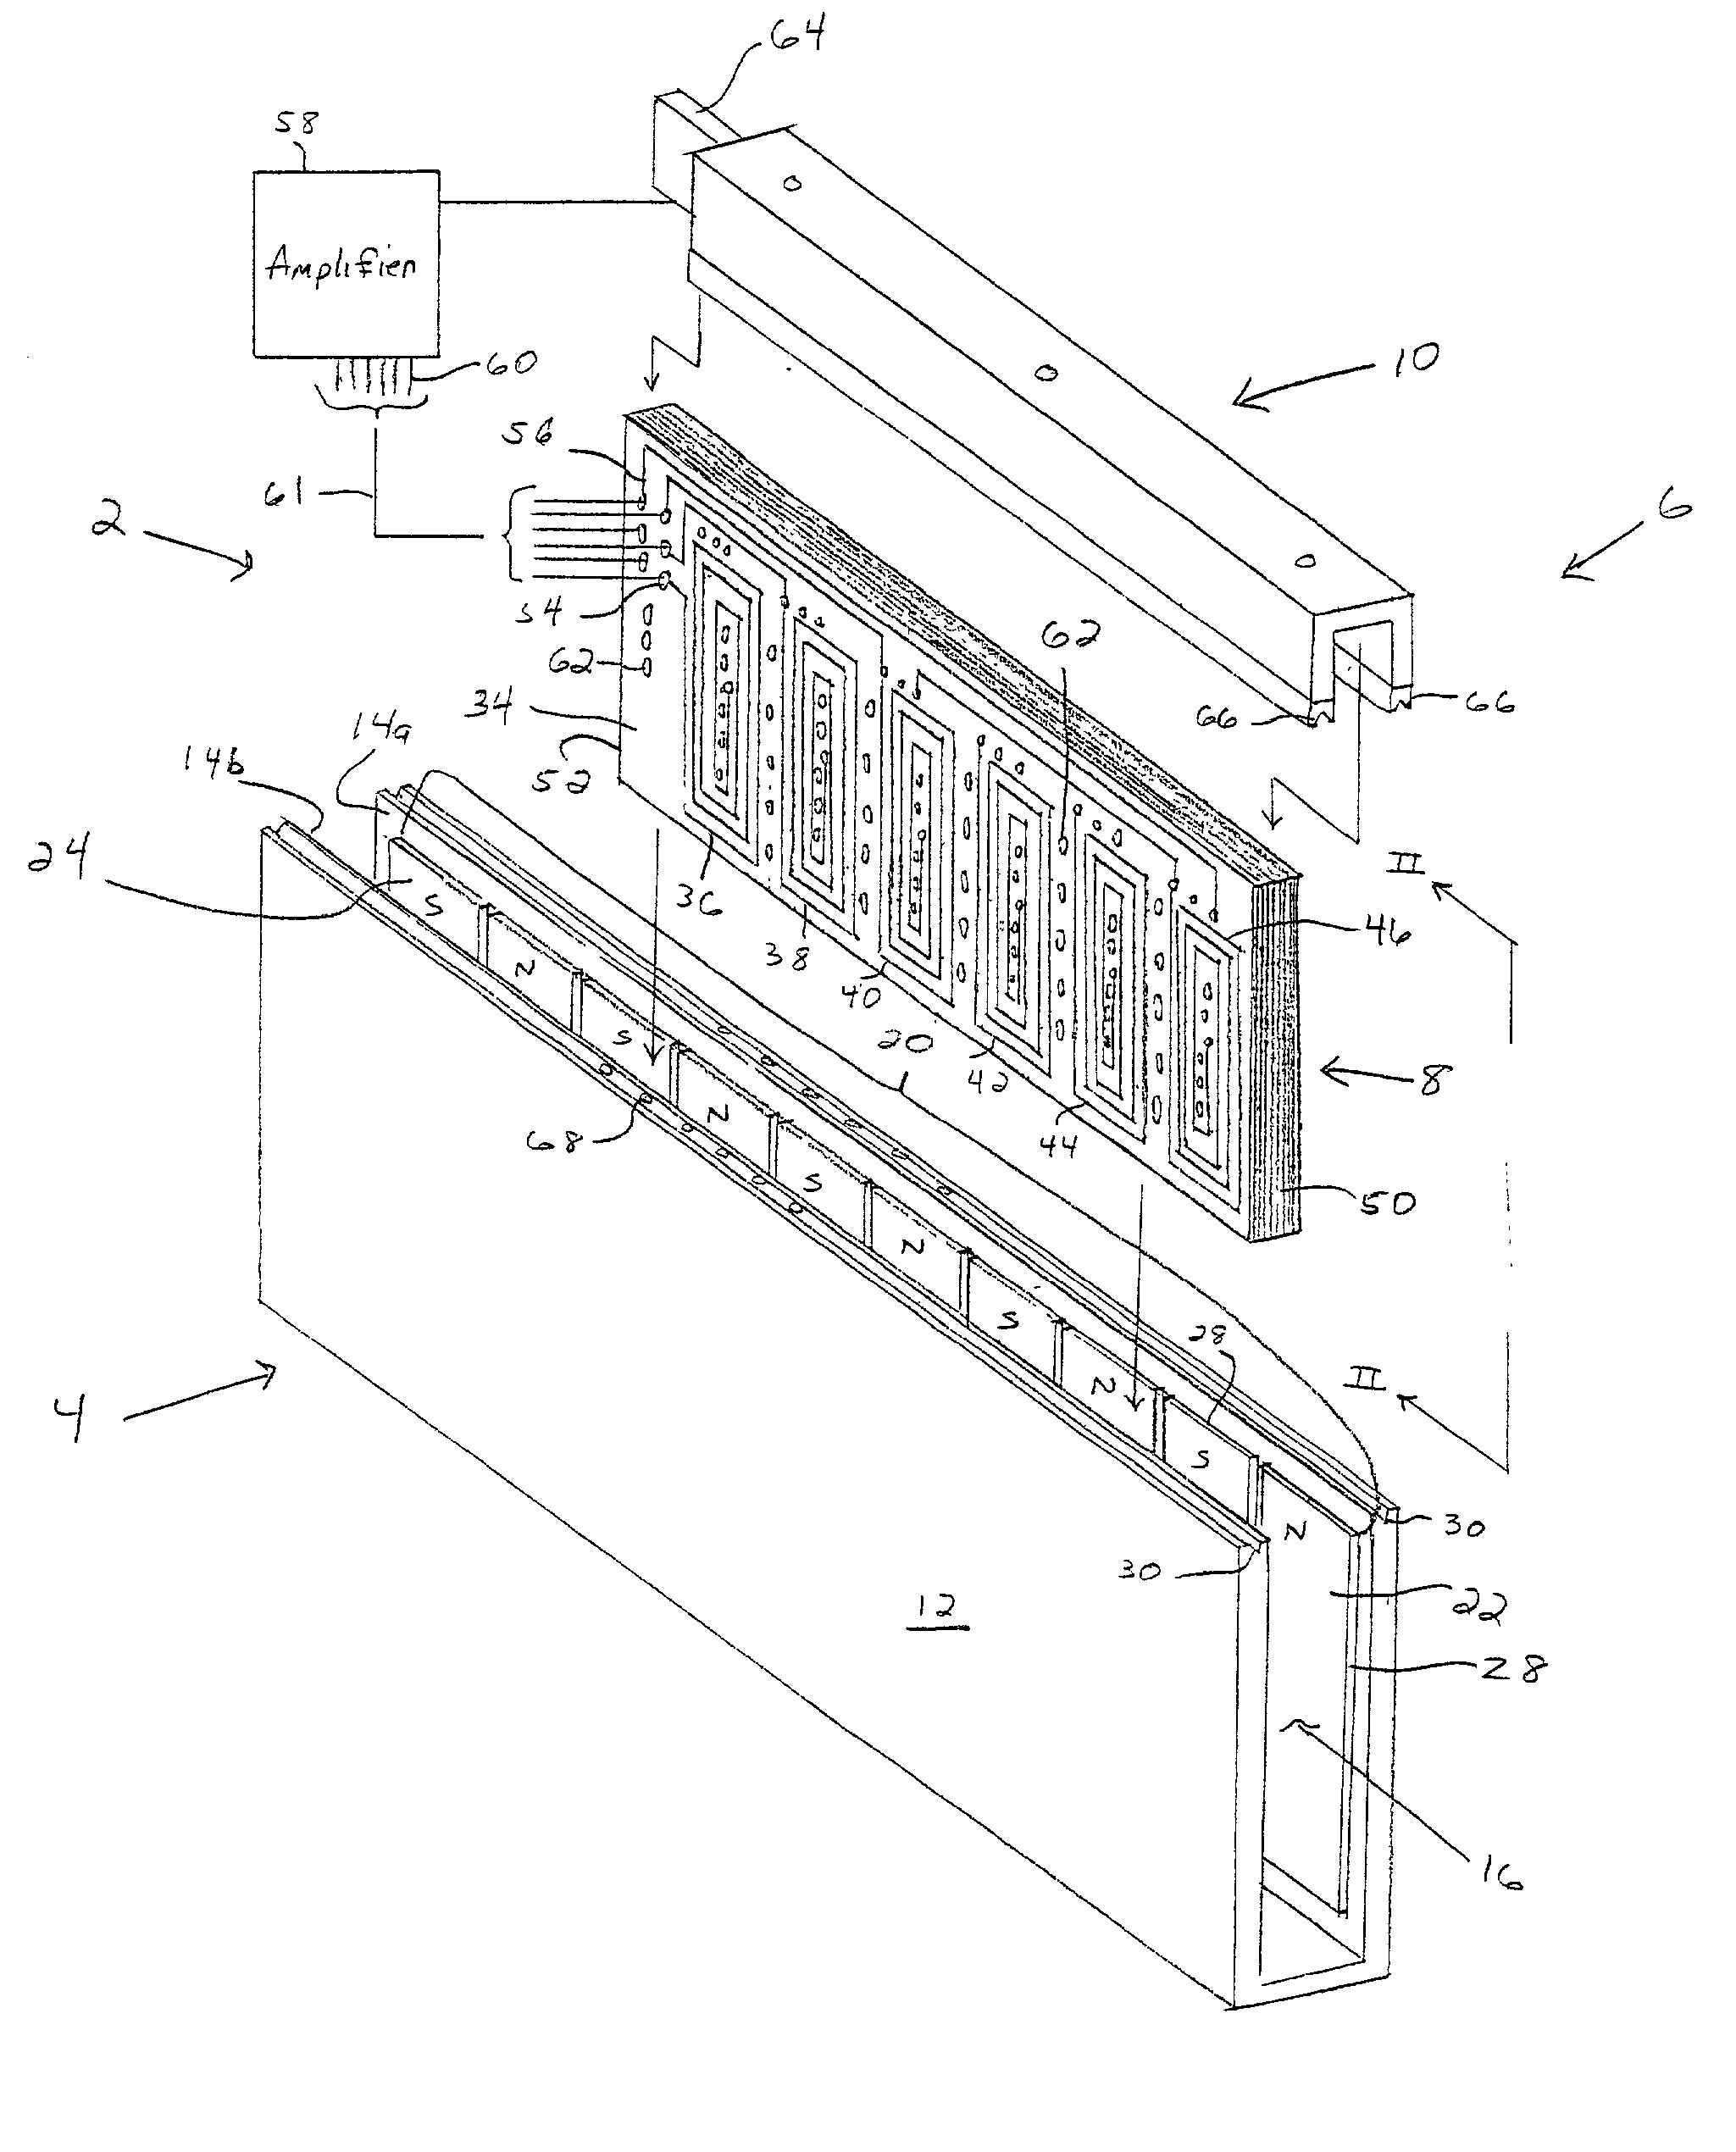 patent us20020185919